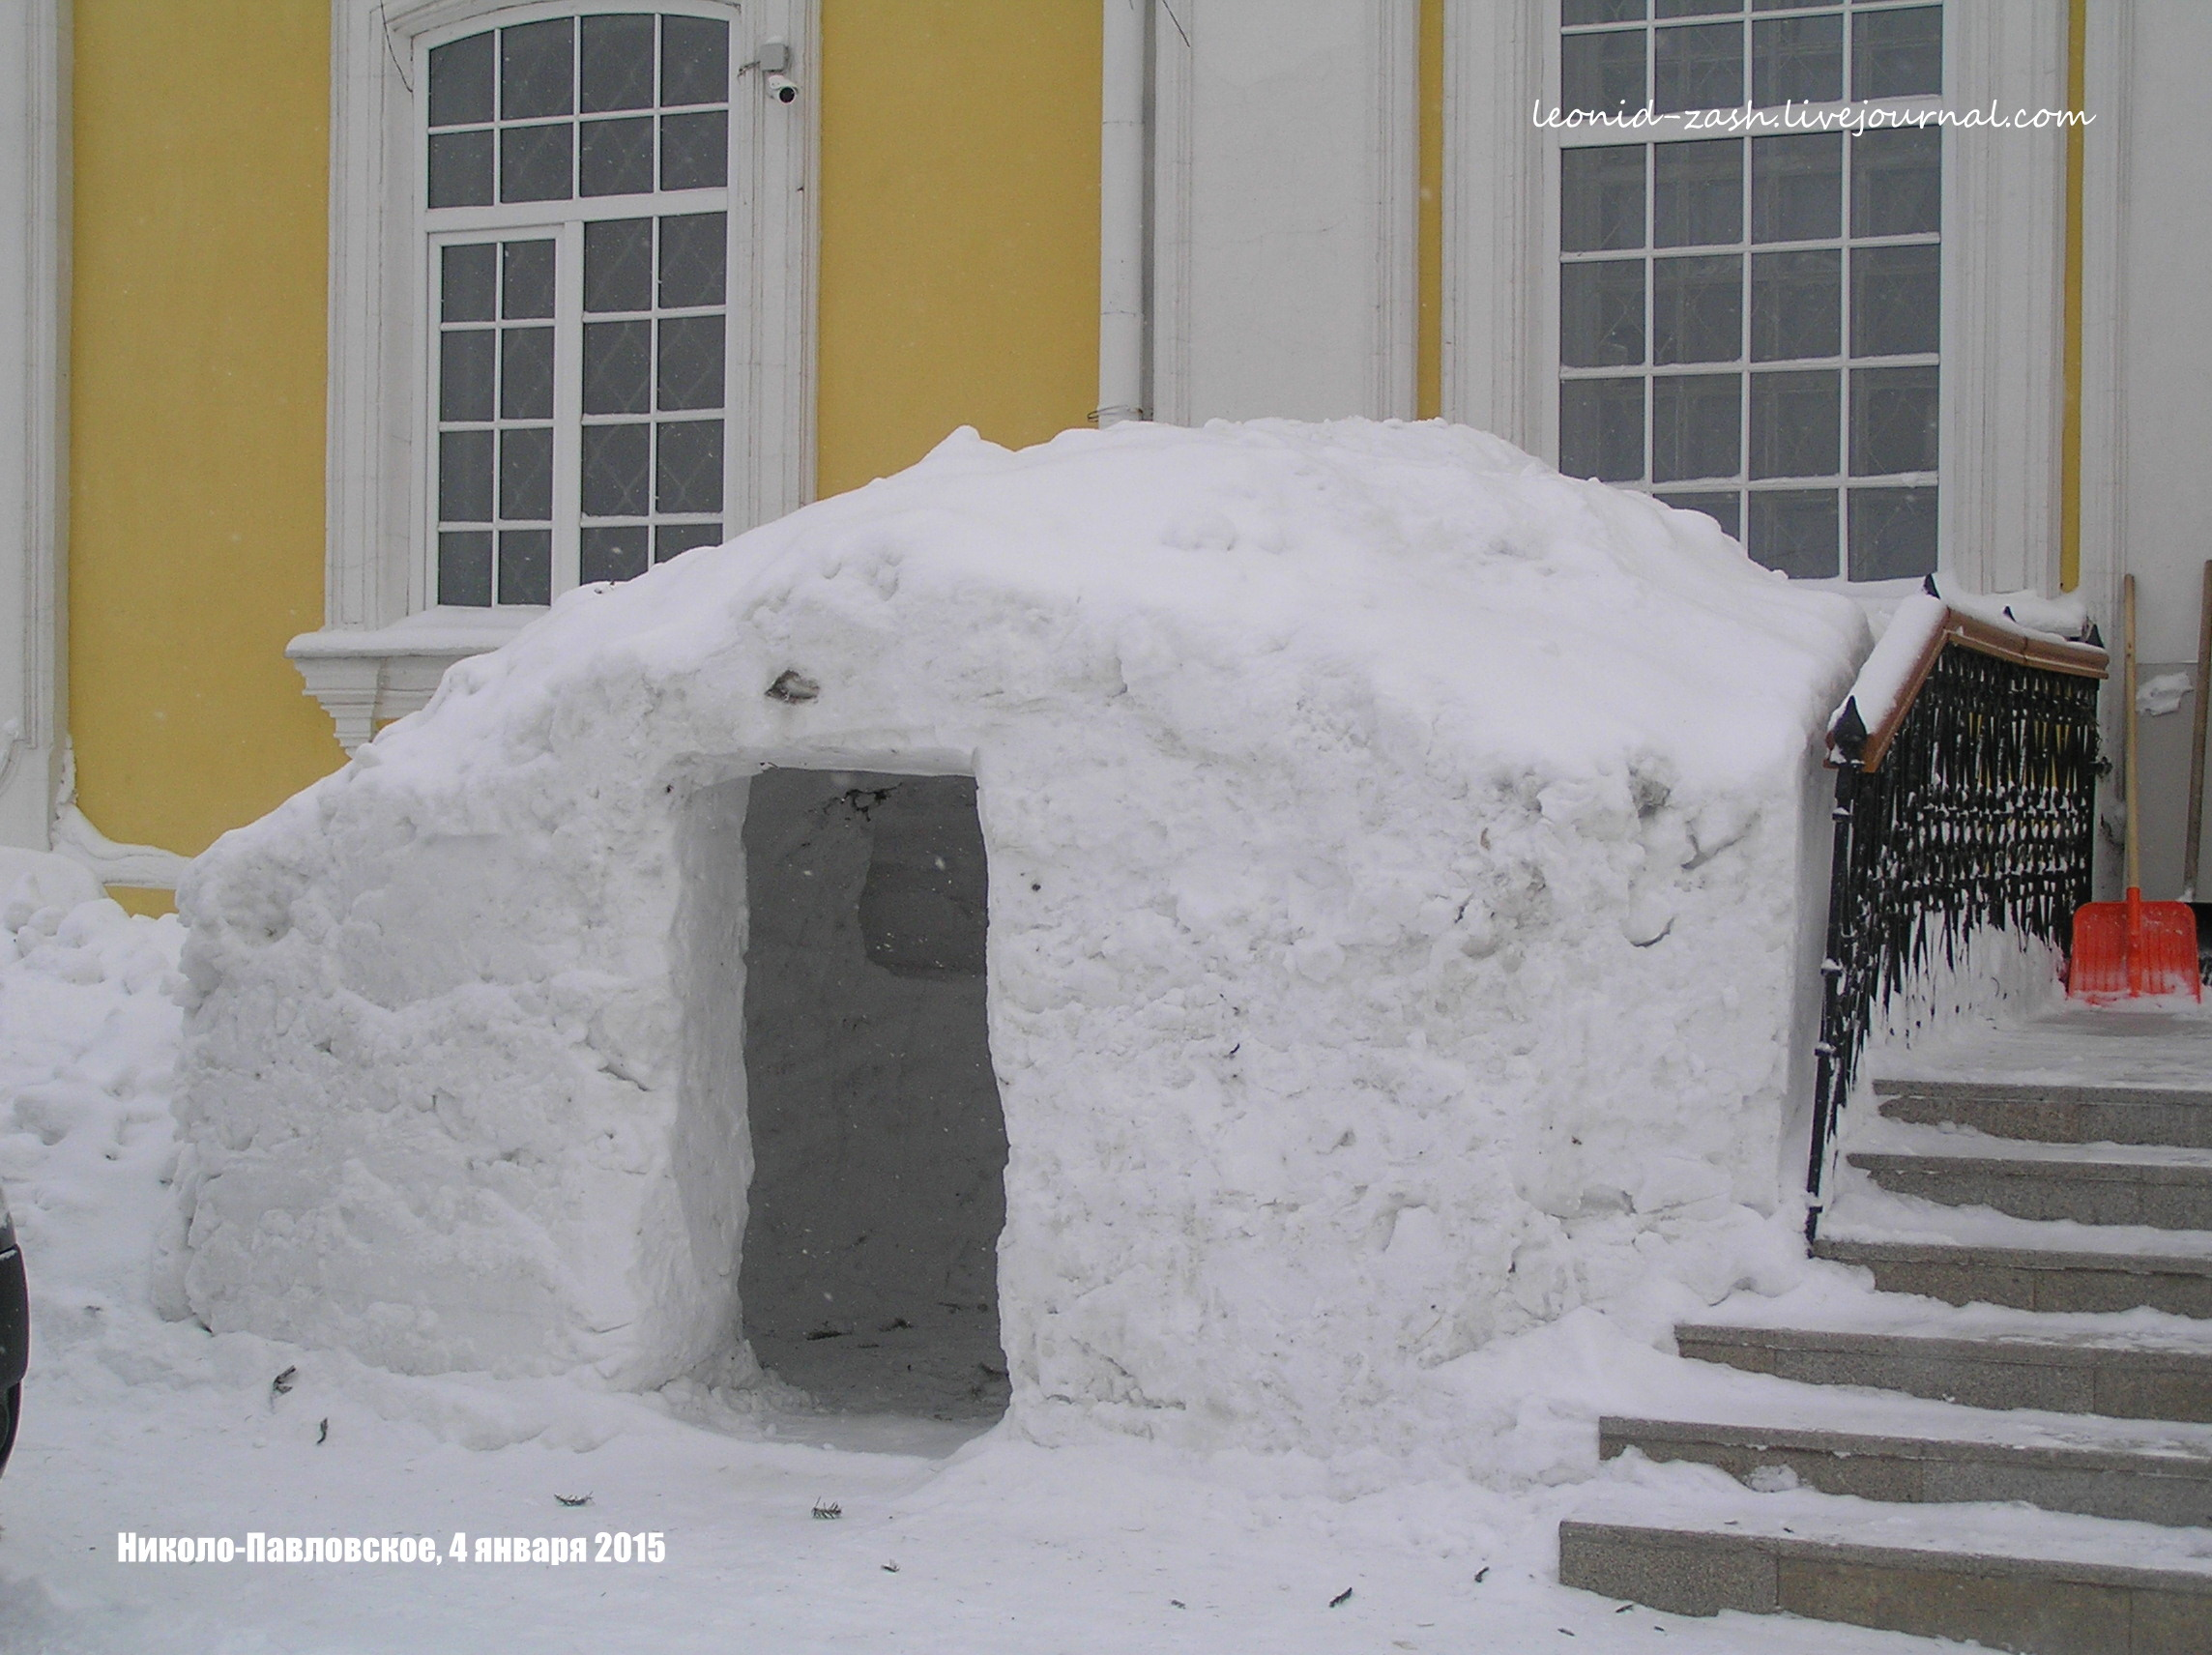 Рождество, Николо-Павловское